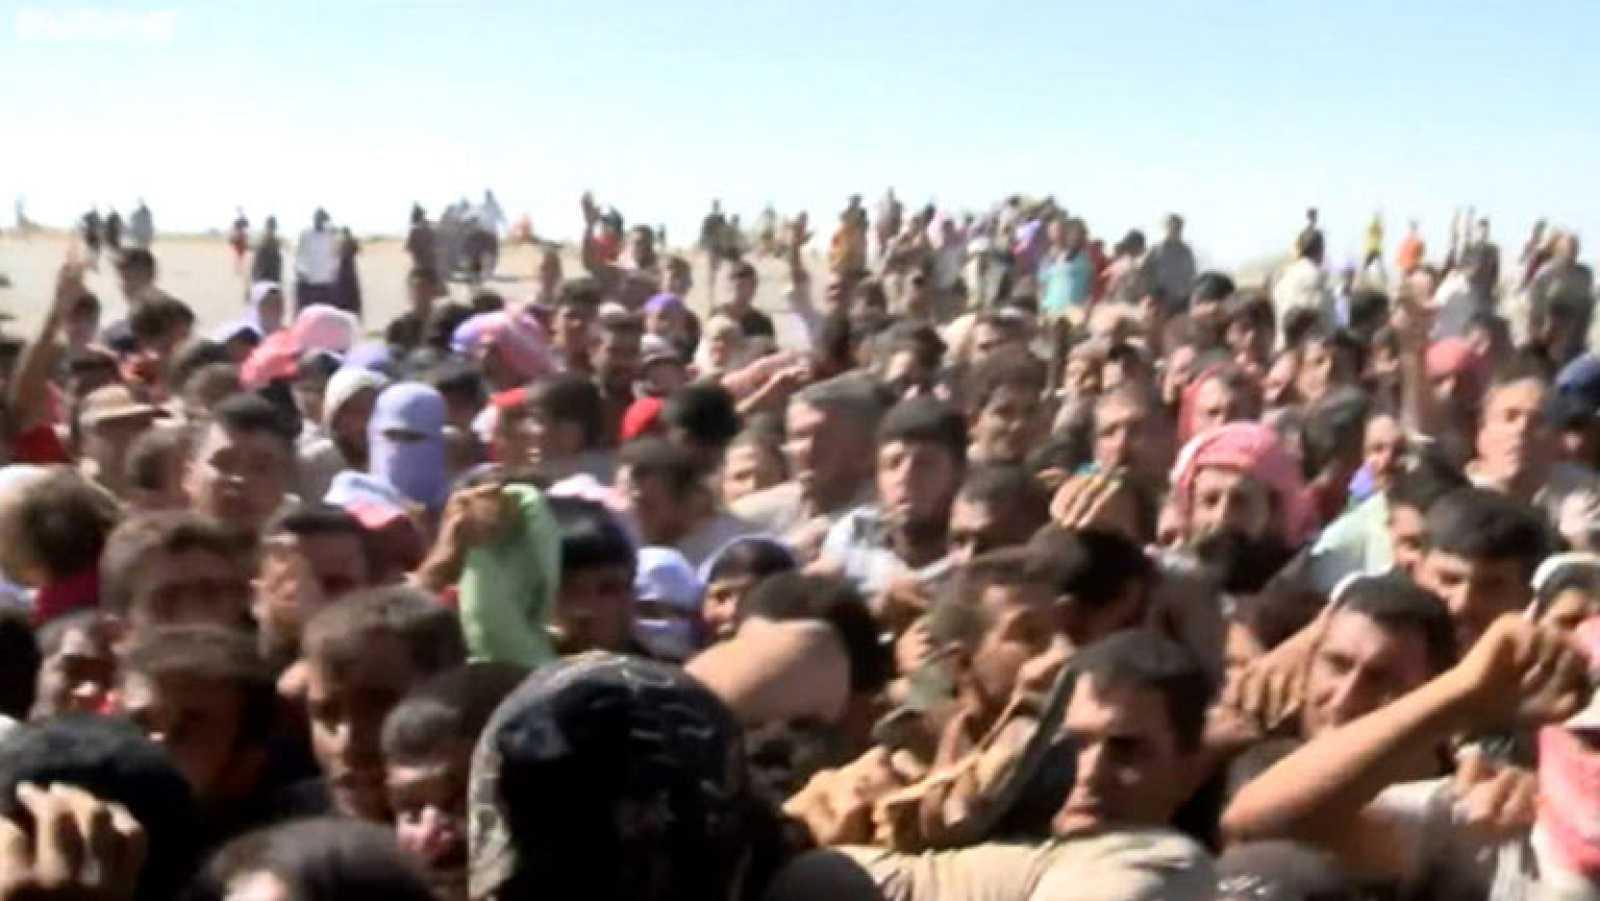 Continúan los enfrentamientos entre islamistas y el ejército kurdo e iraquí